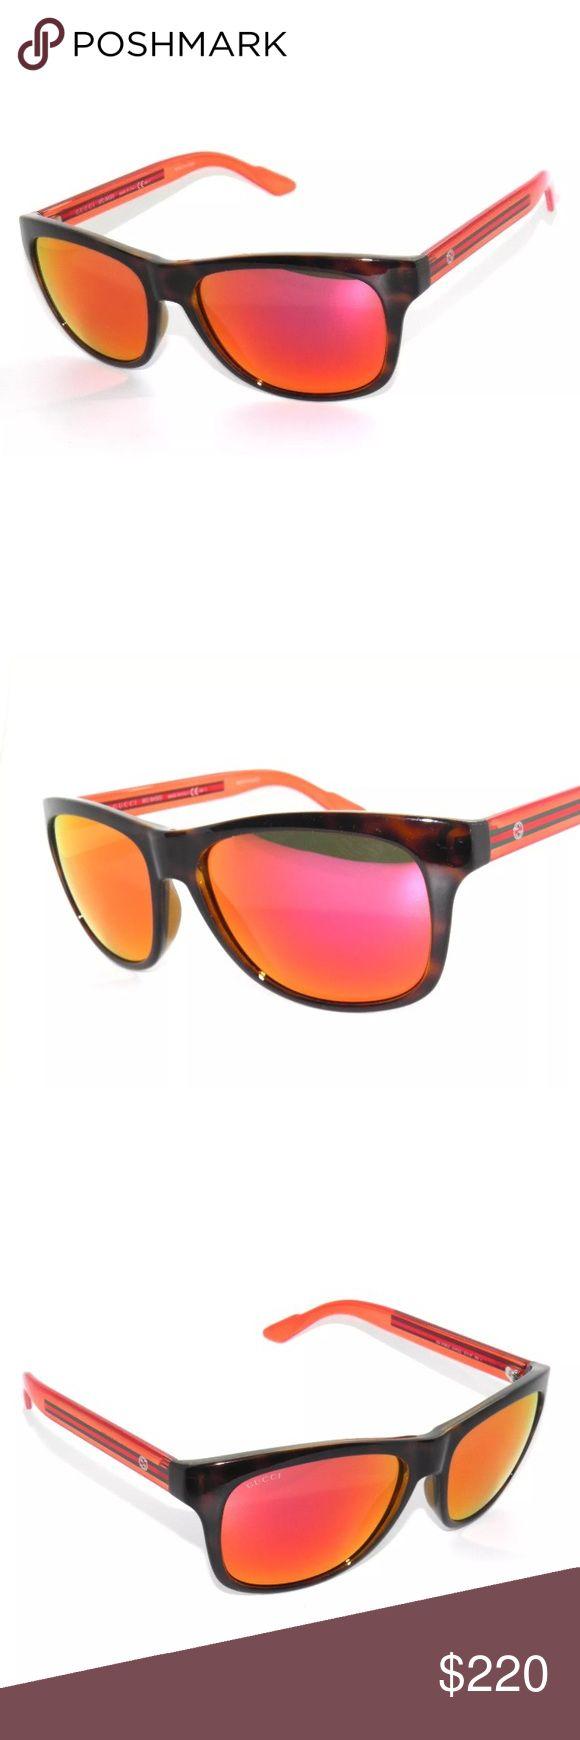 Gucci 3709 Havana Orange Mirror Sunglasses Brand new, comes with all accessories Gucci Accessories Sunglasses